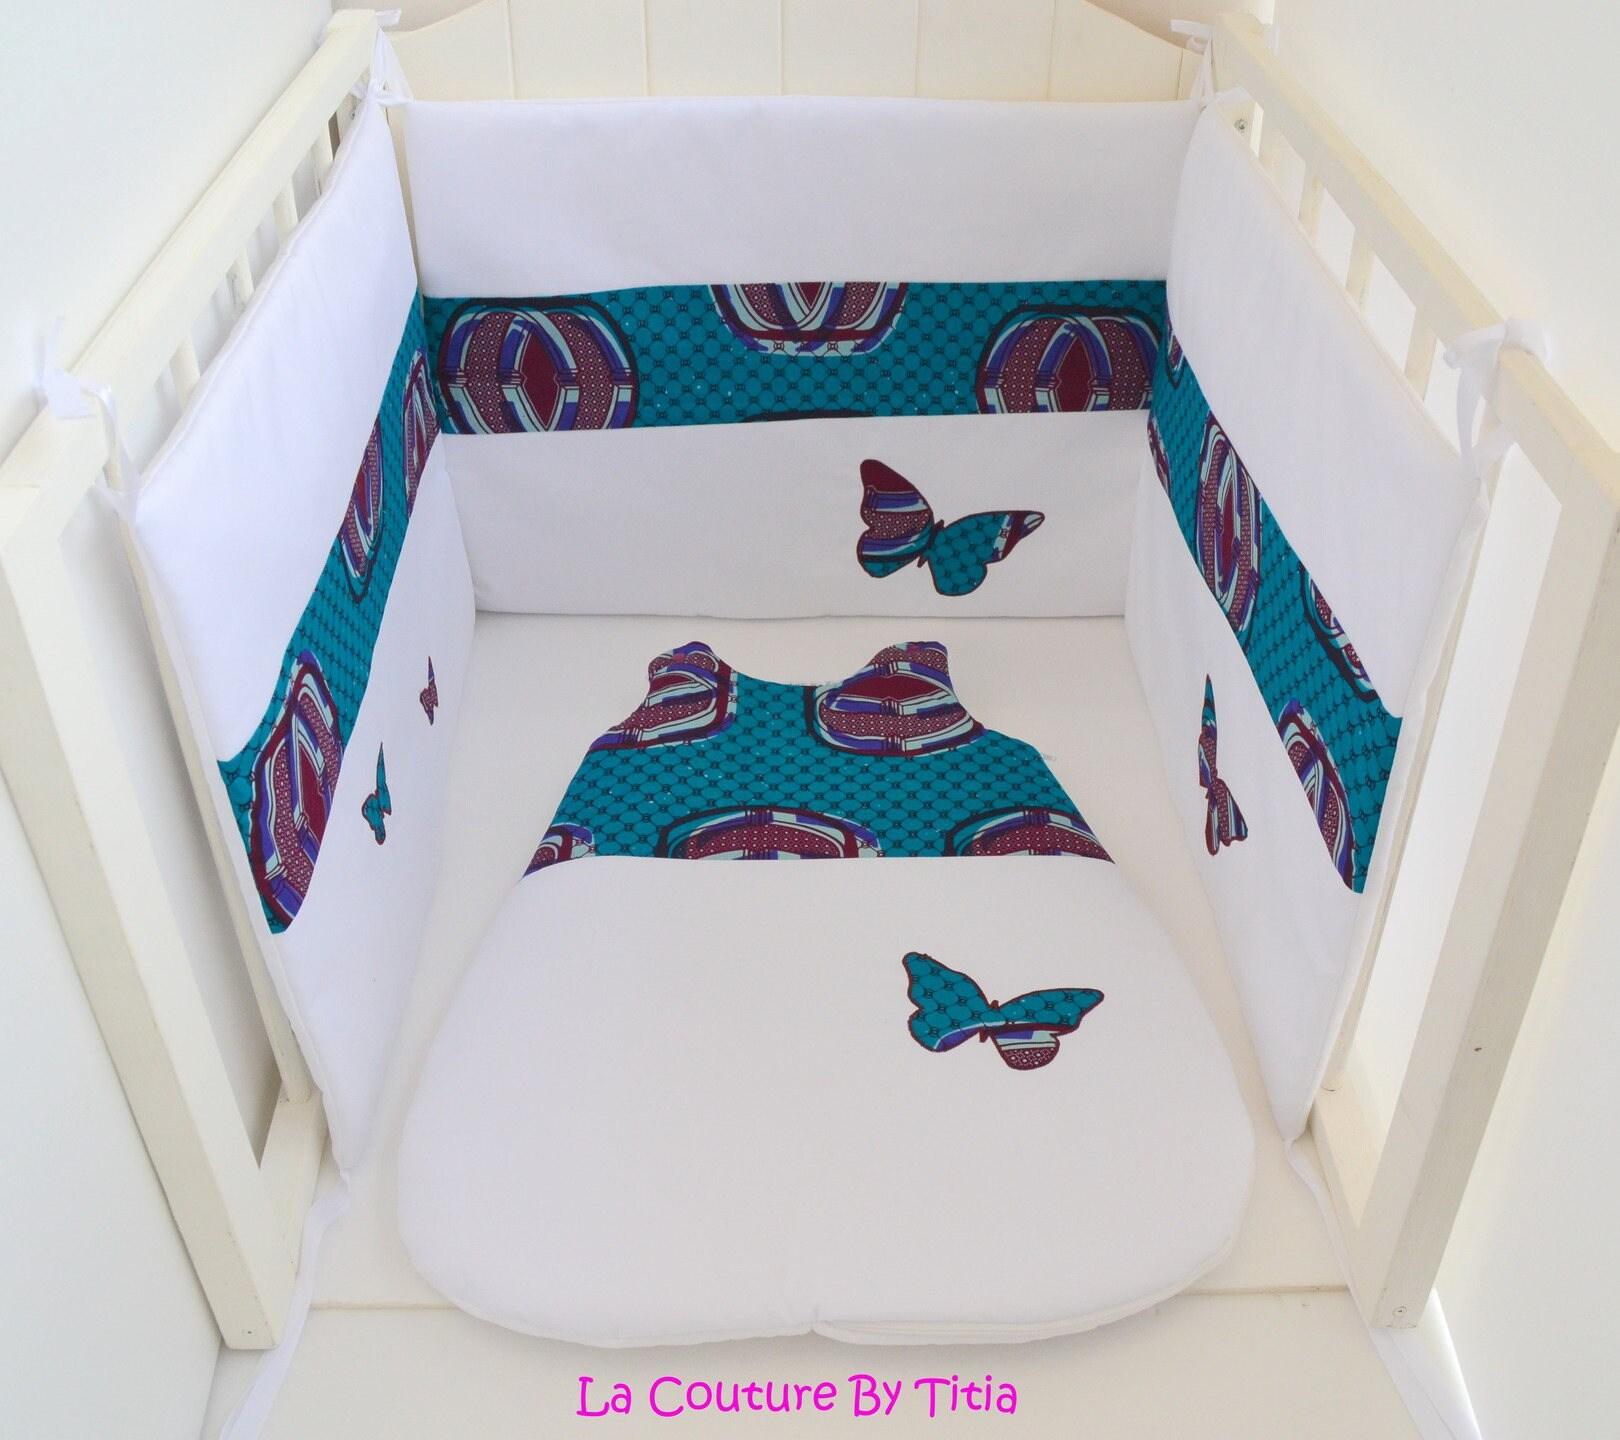 tour de lit et gigoteuse fait main wax papillon turquoise. Black Bedroom Furniture Sets. Home Design Ideas